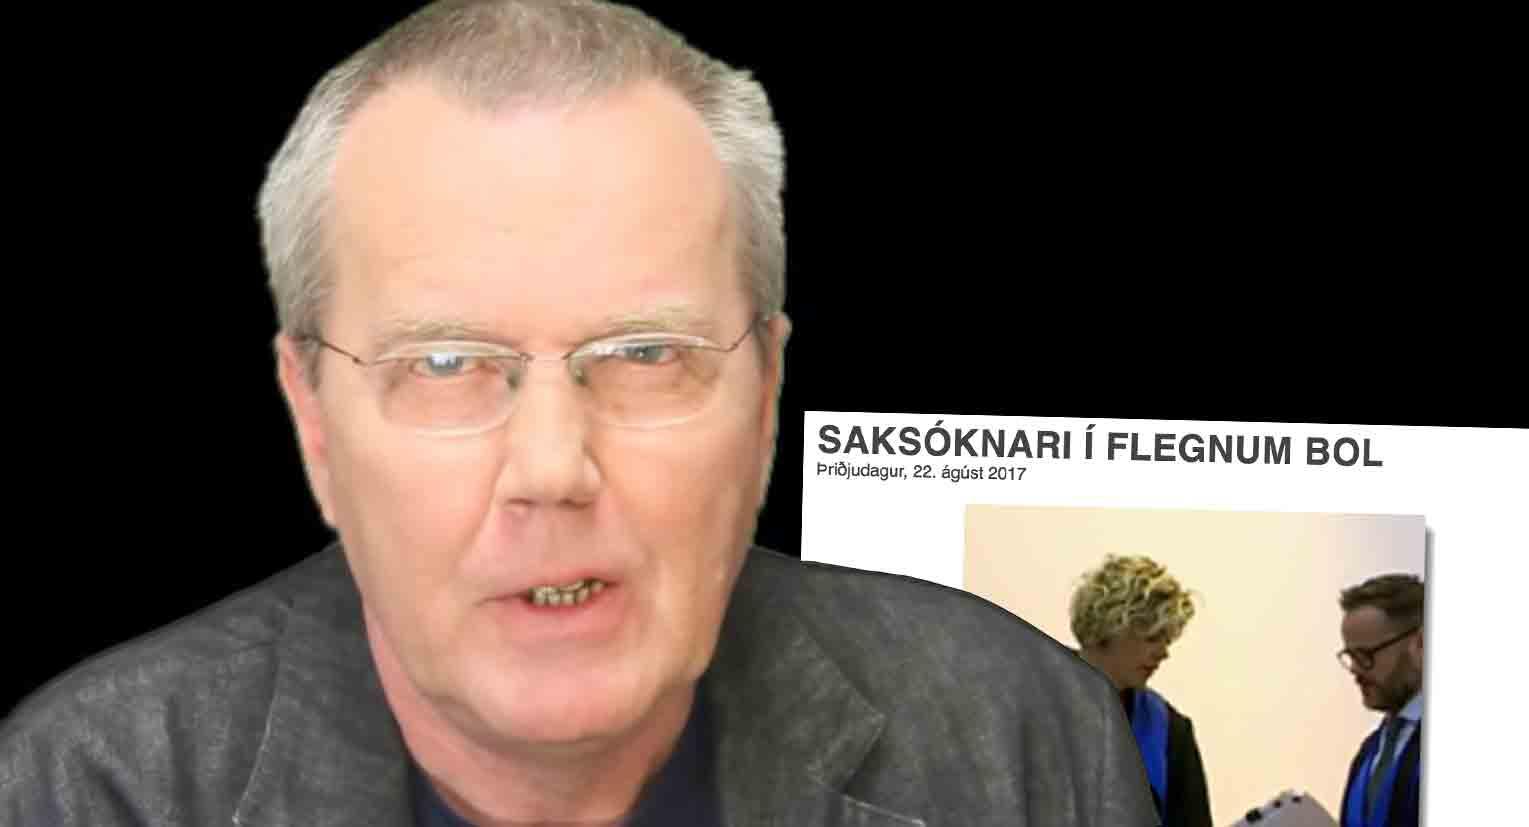 """Eiríkur Jónsson um fréttina um fleginn bol saksóknara: """"Ekki skjóta sendiboðann"""""""